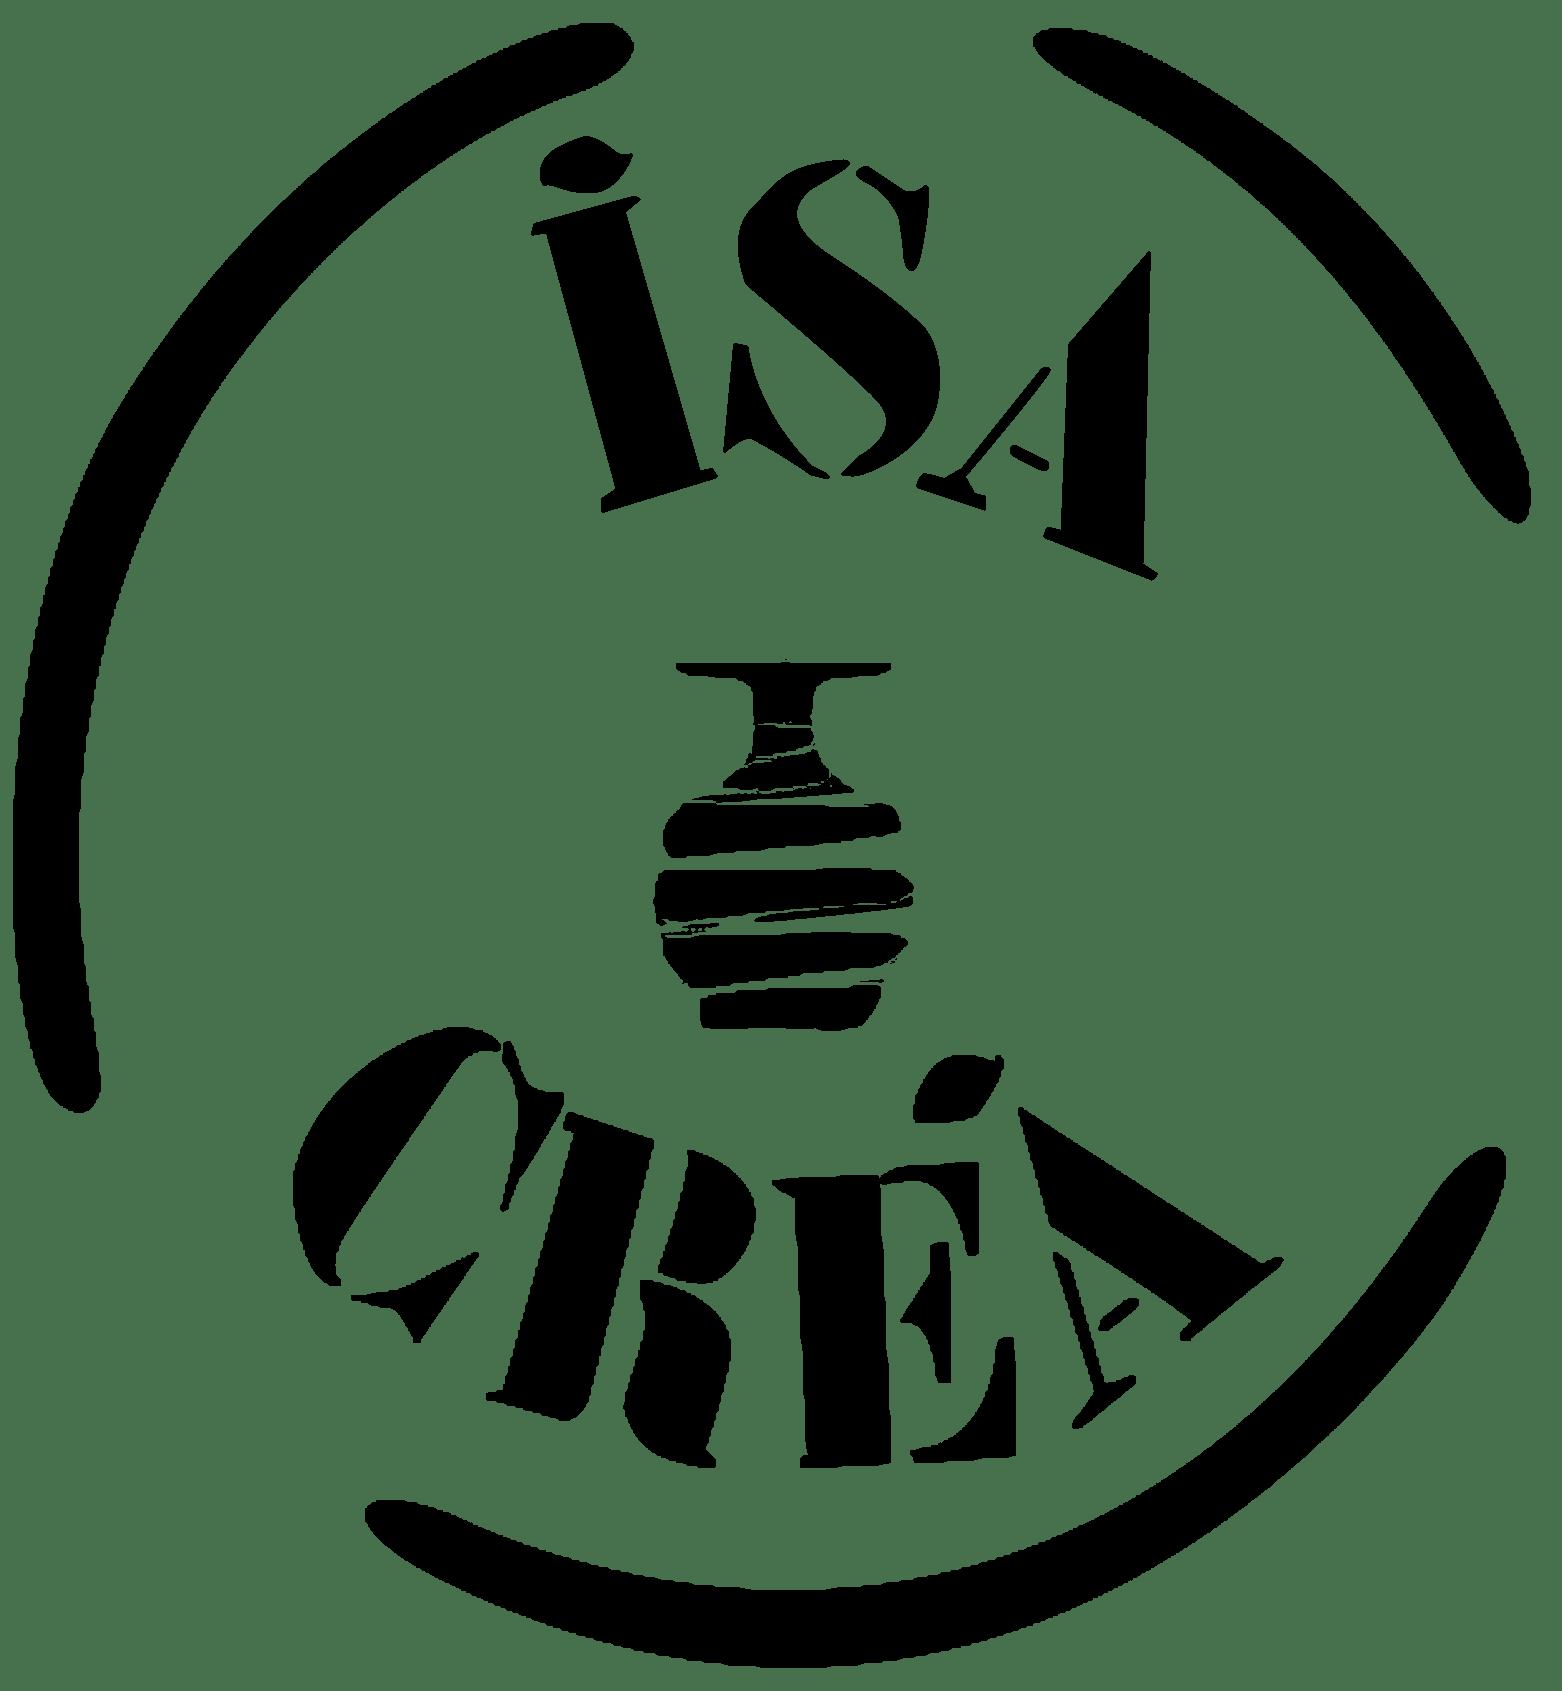 Isacréa.re